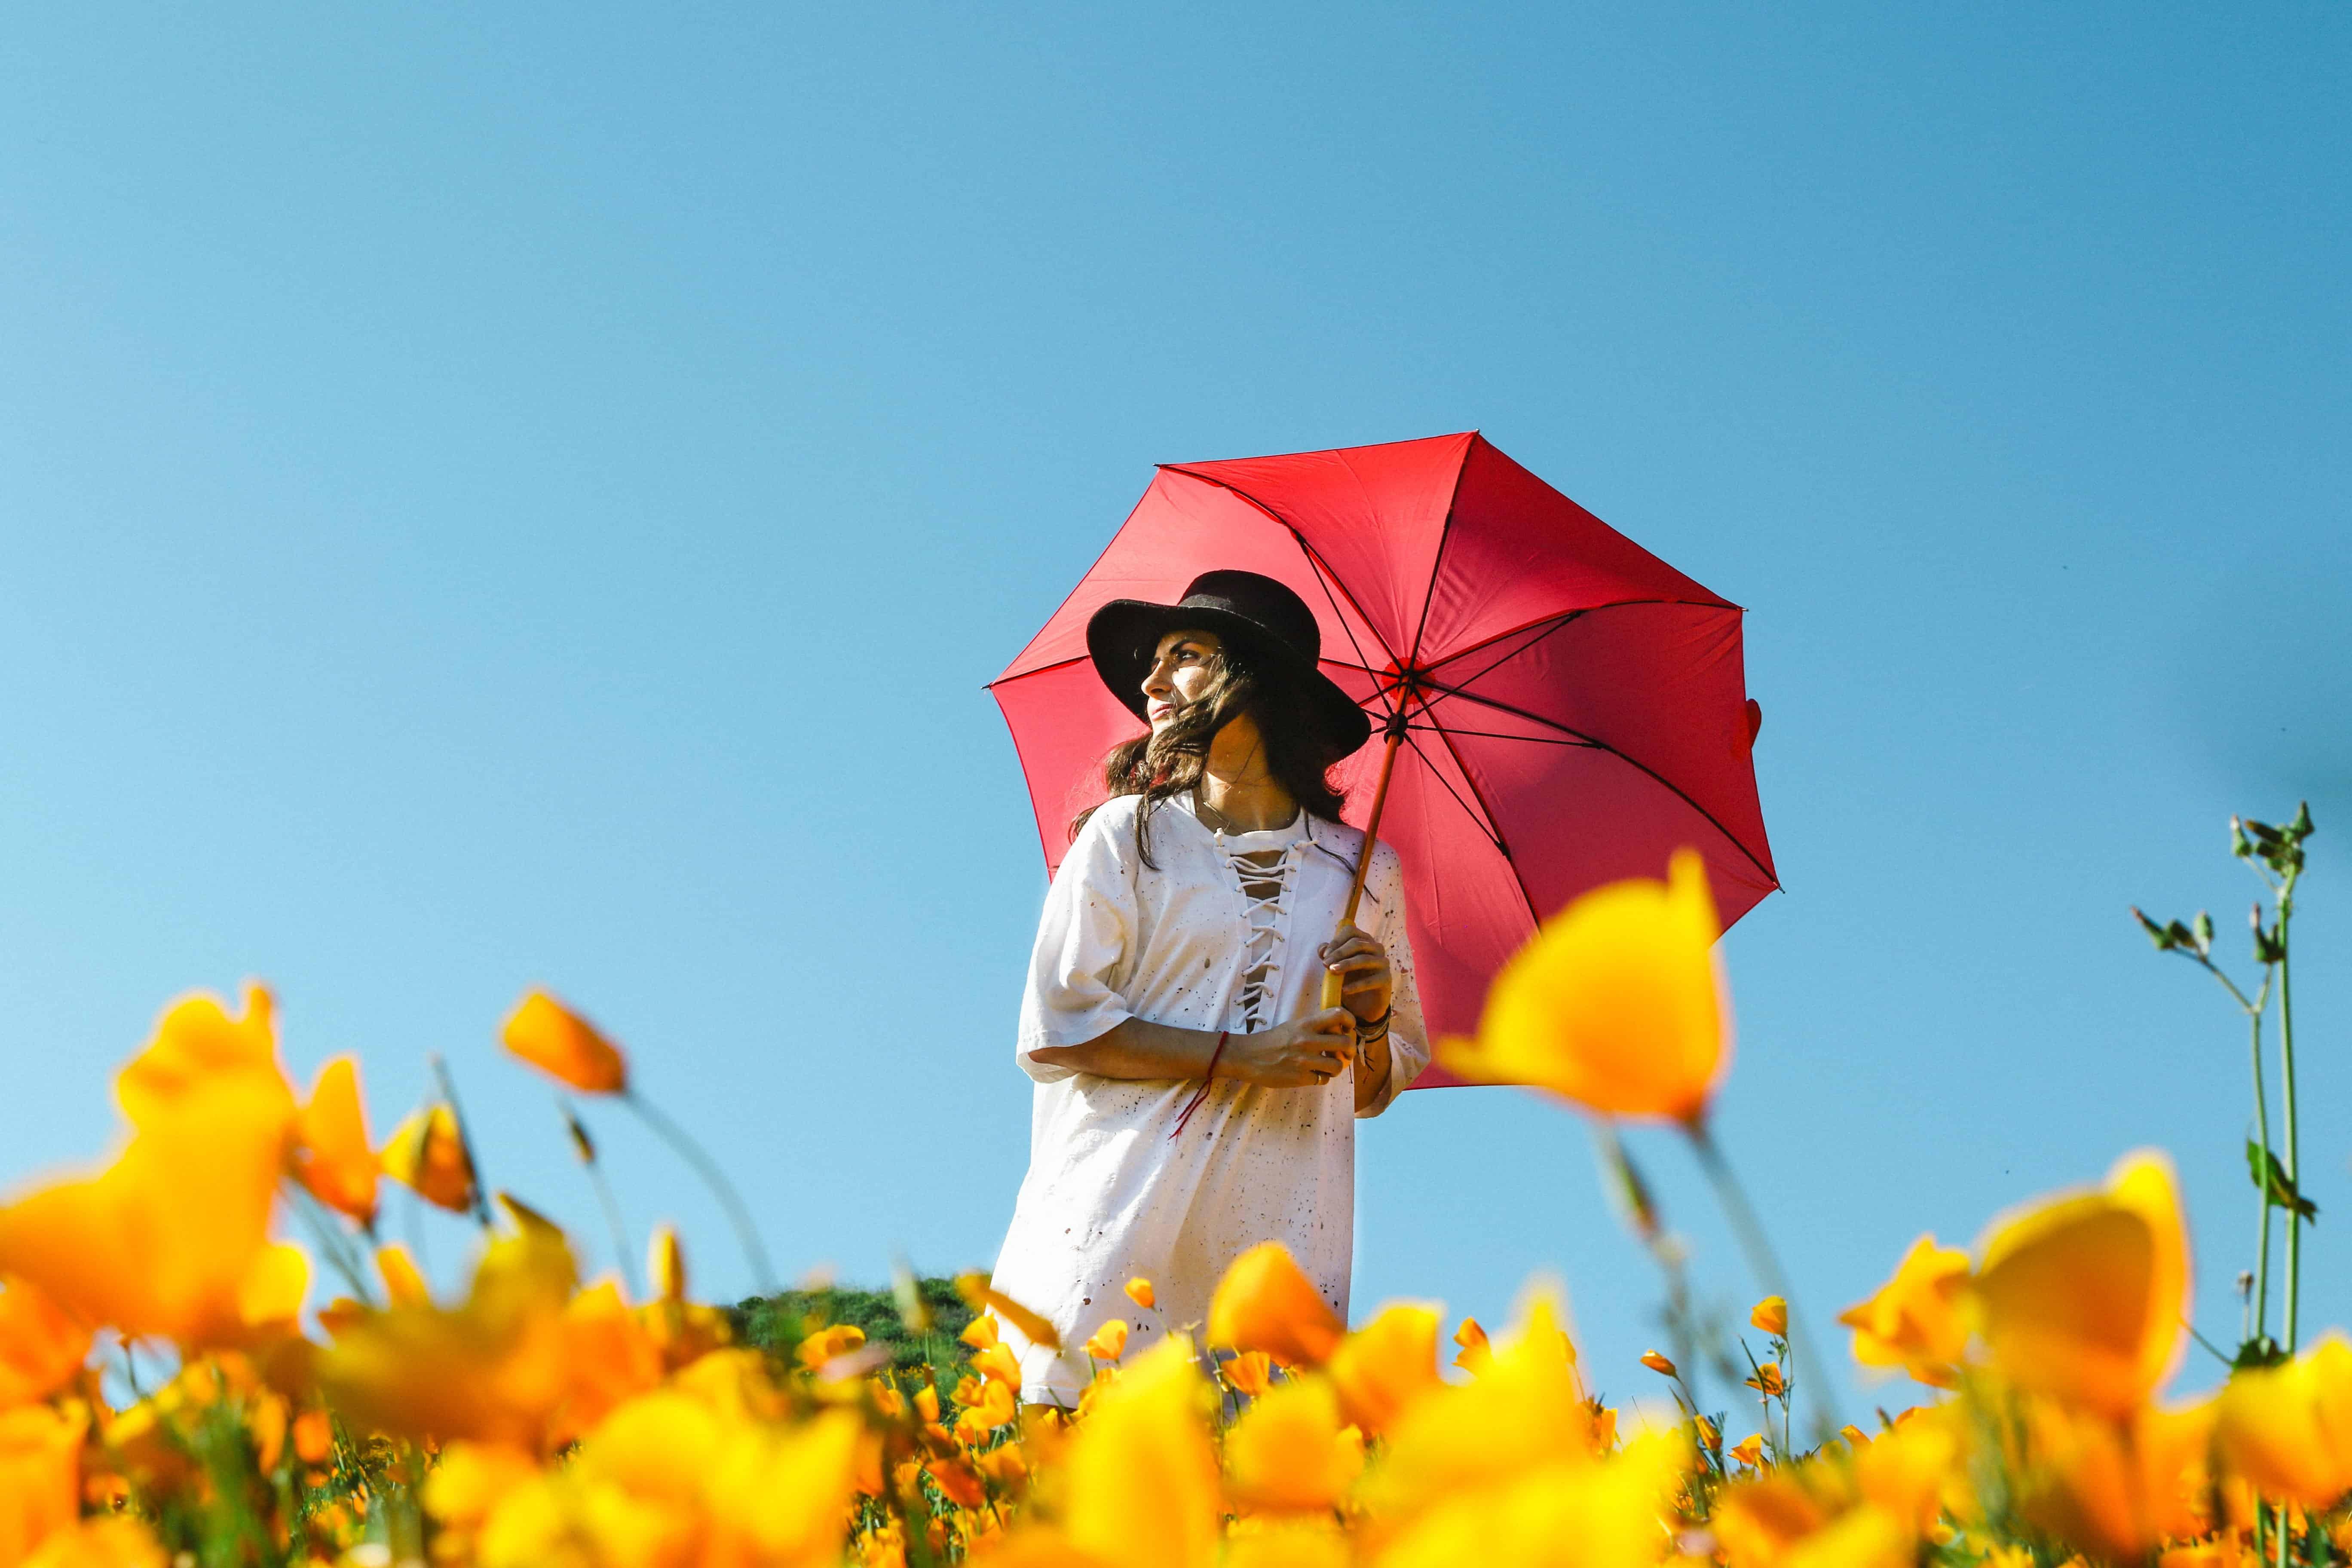 Sonnenschirm: Test & Empfehlungen (01/20)